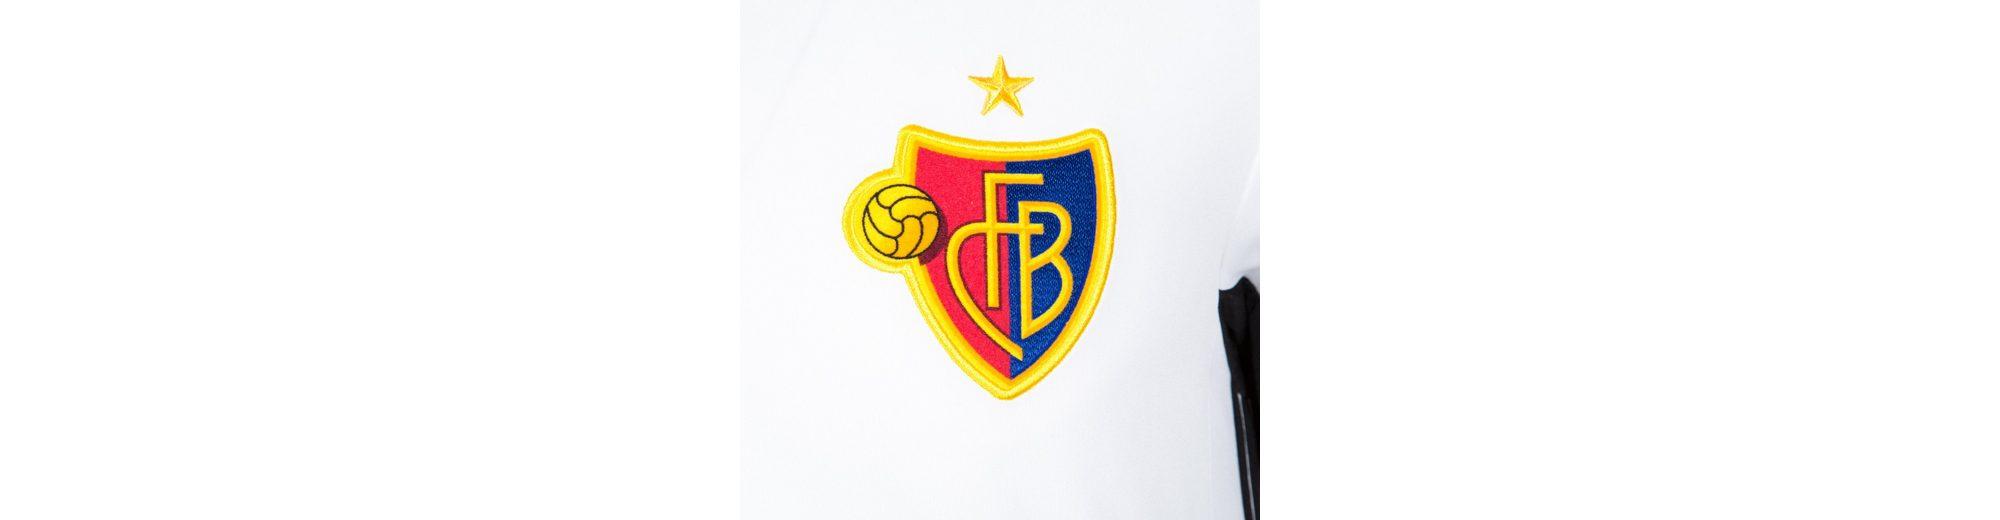 Kaufen Online-Outlet Preiswerte Art Und Stil adidas Performance FC Basel Trikot Away 2016/2017 Herren Geniue Händler Verkauf Online Kauf Zum Verkauf Cyguqm